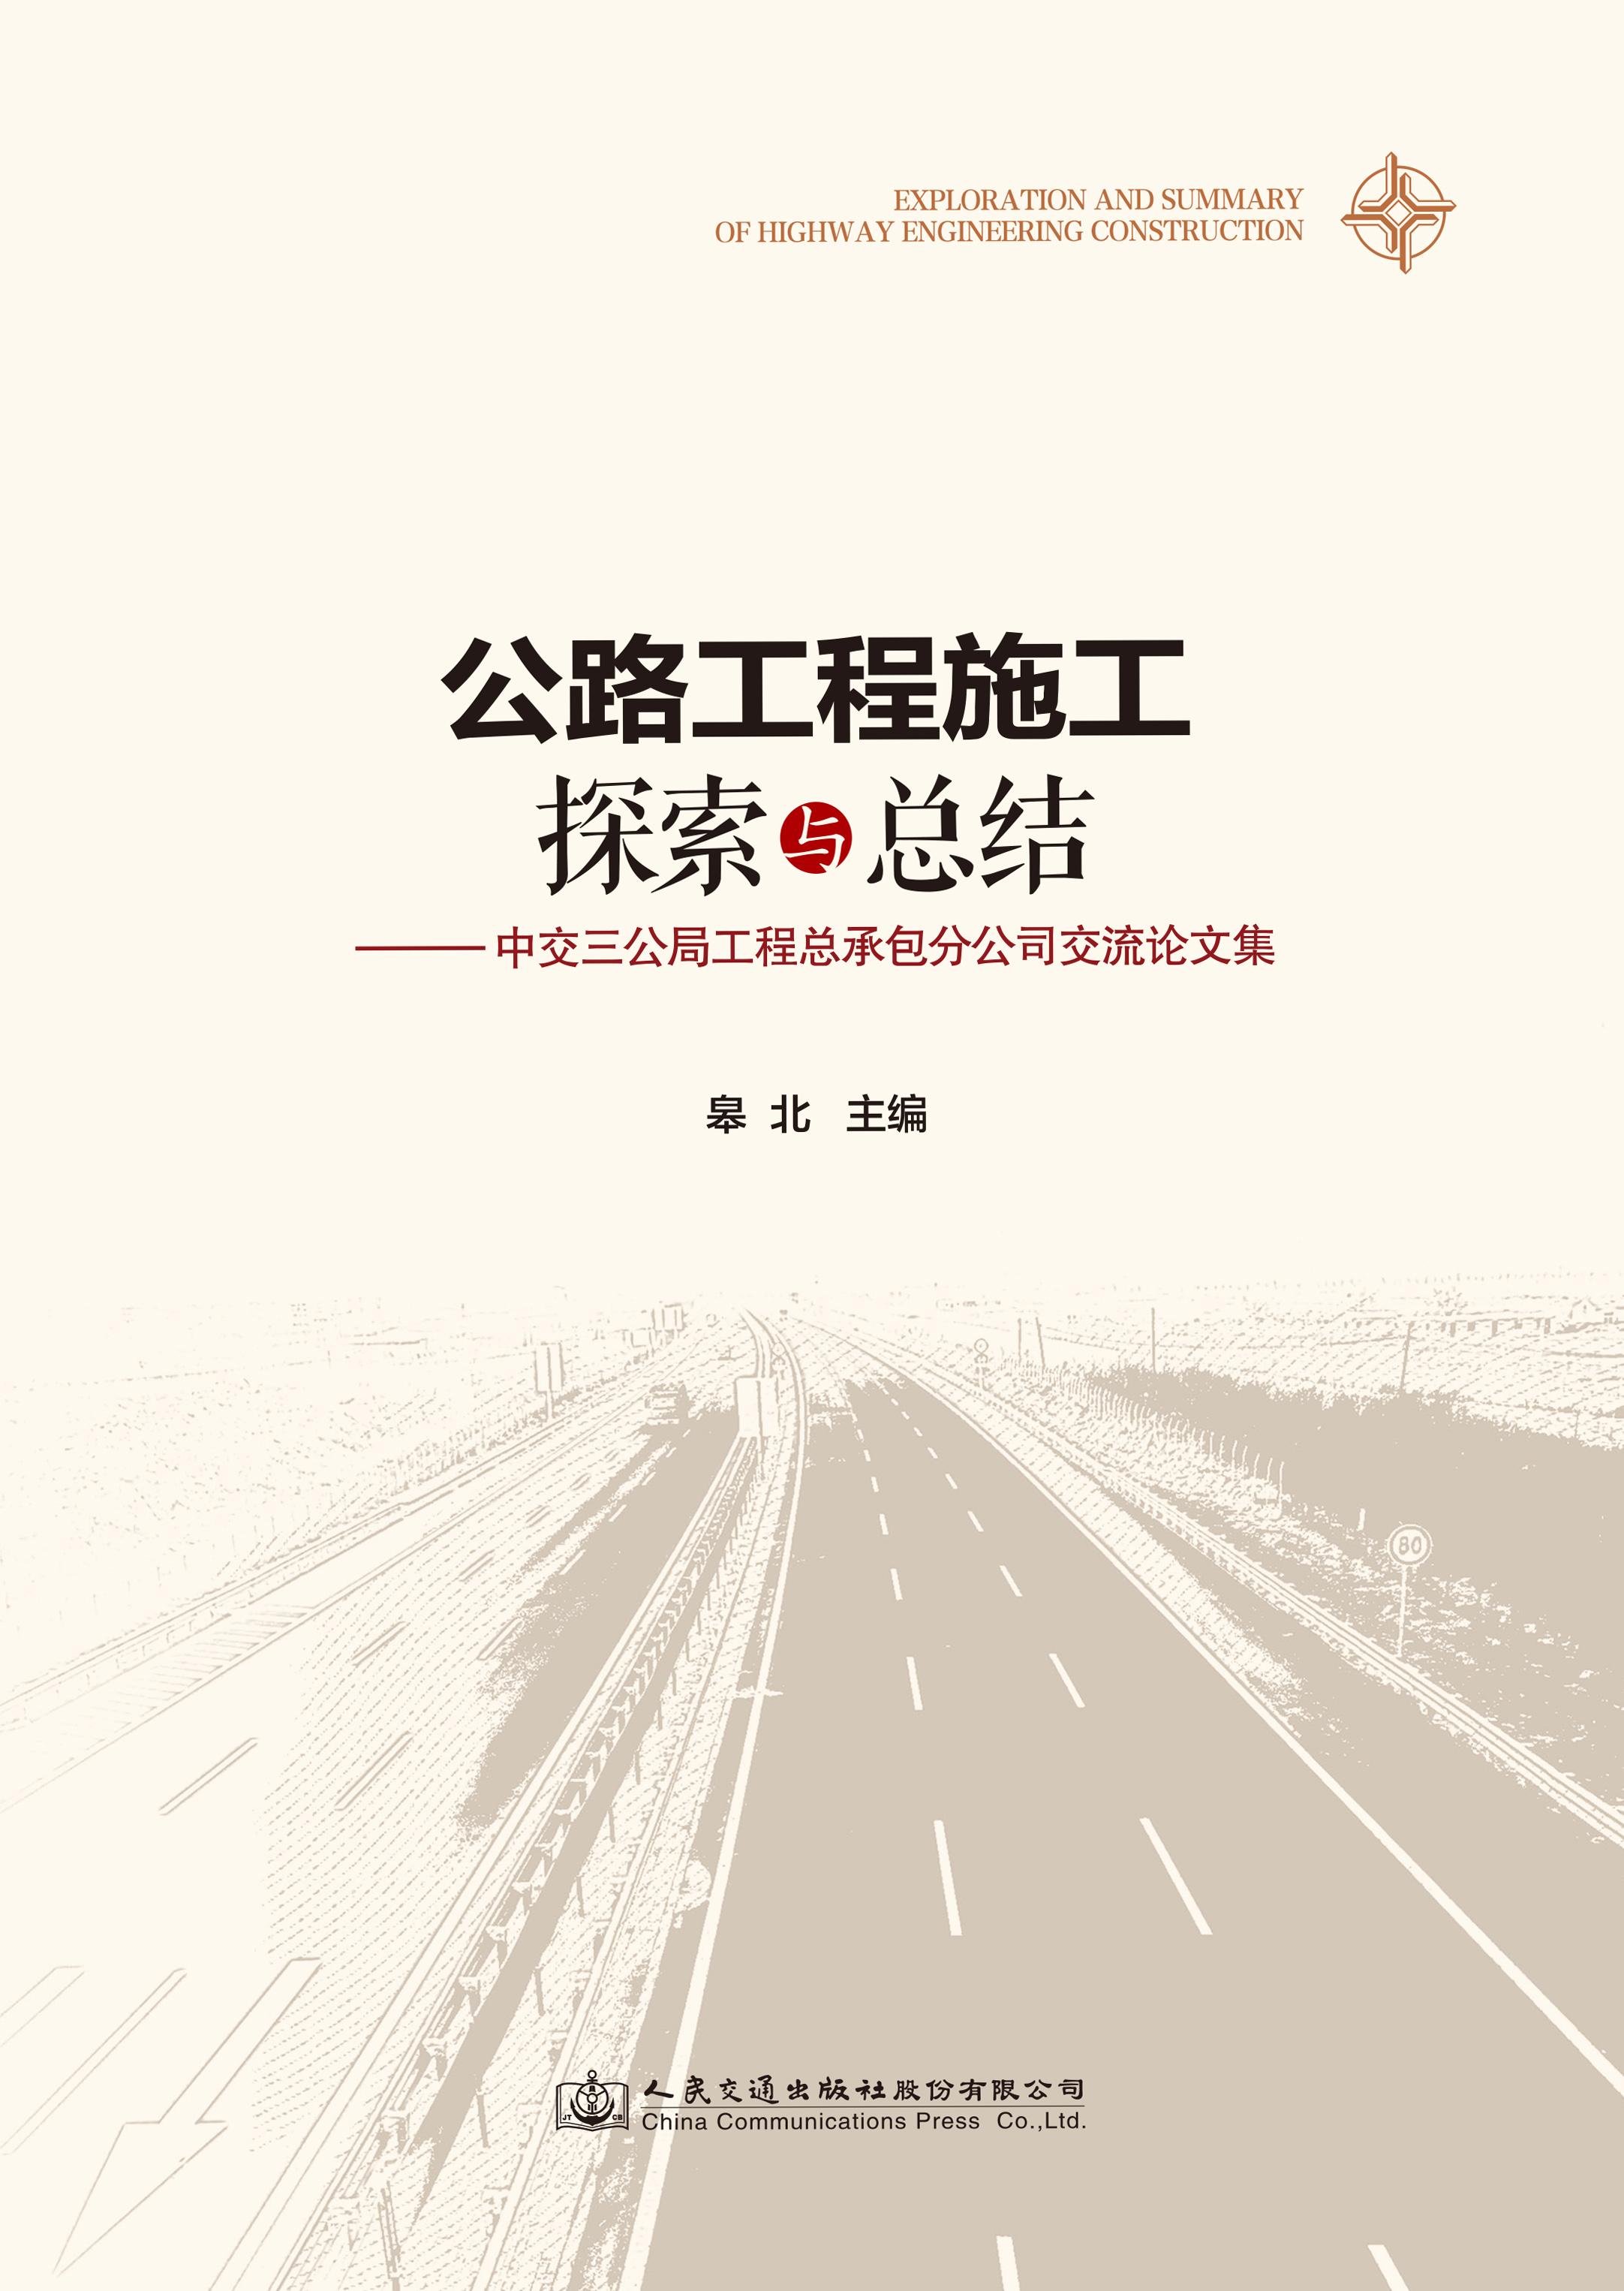 公路工程施工探索与总结 ——中交三公局工程总承包分公司交流论文集